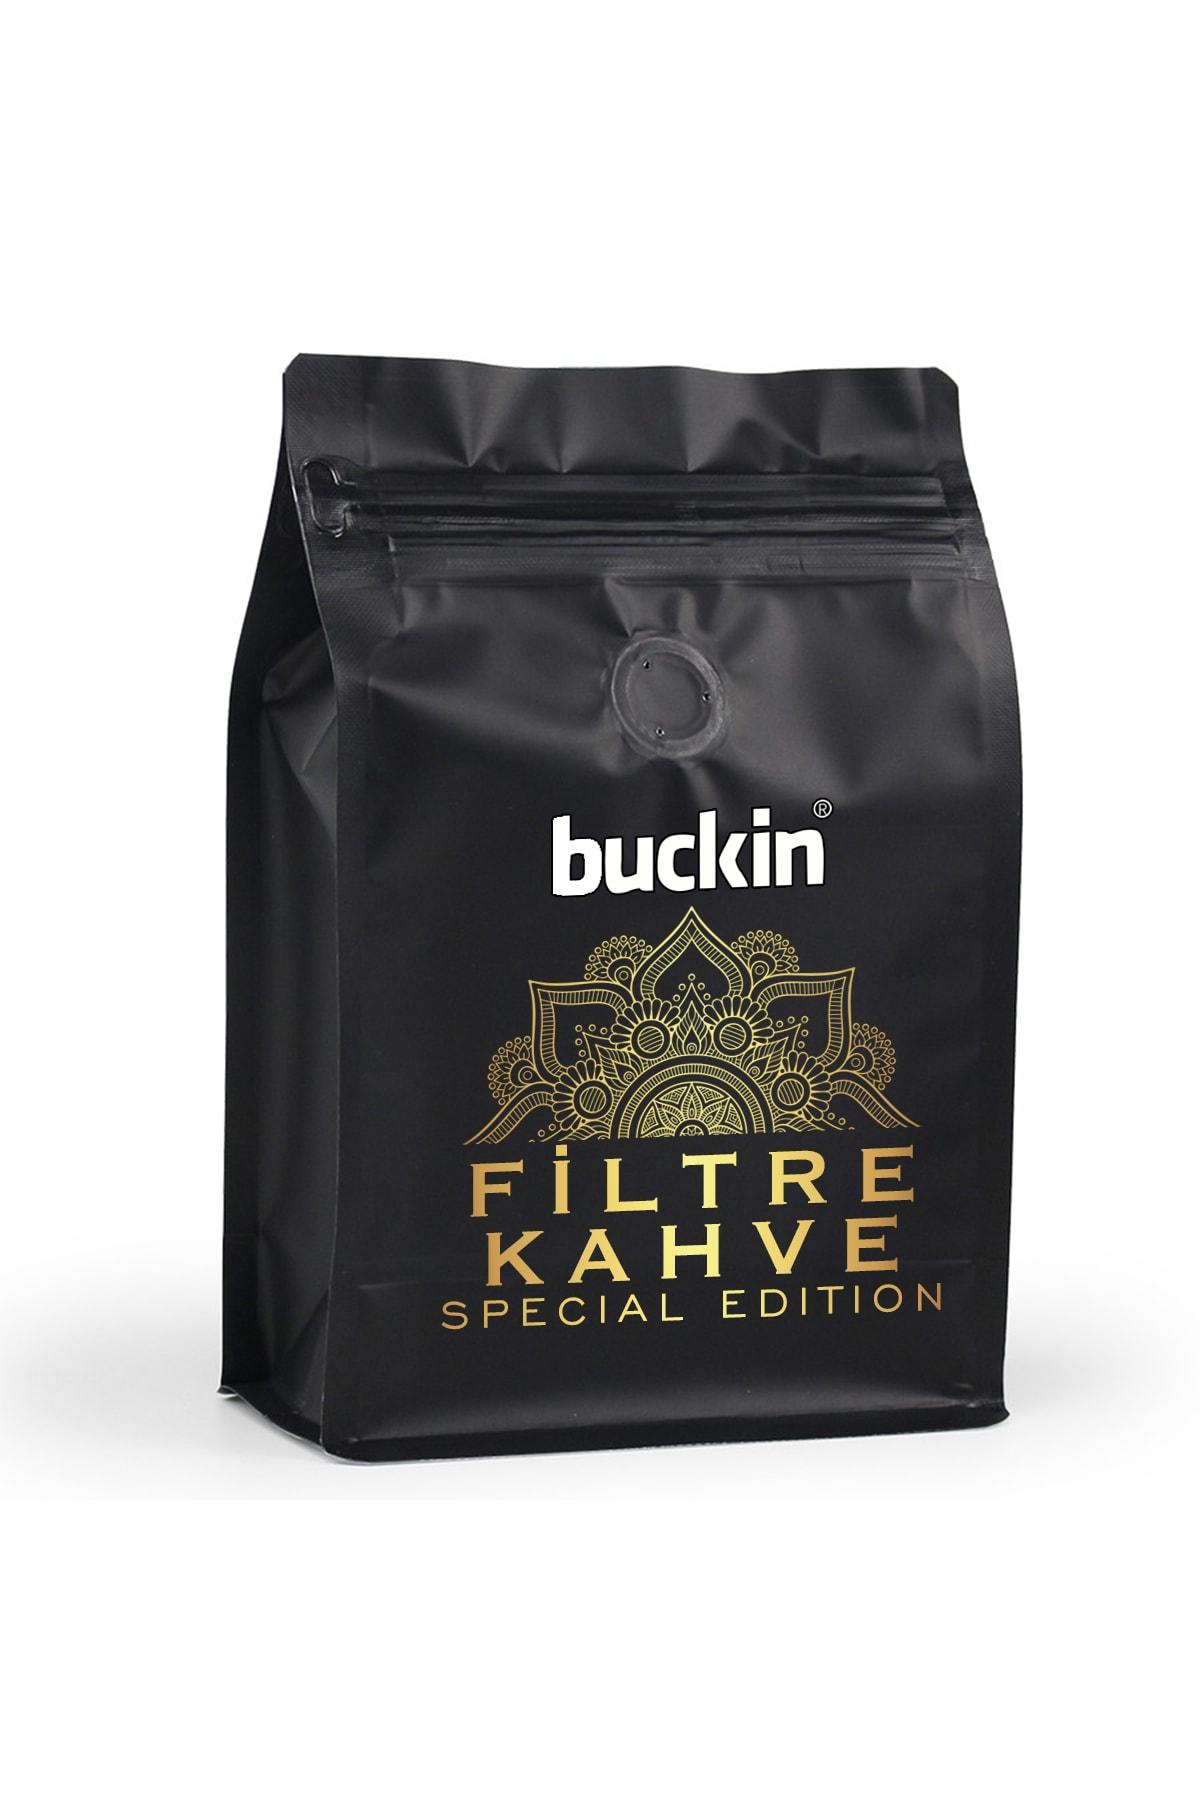 Buckin Premium Filtre Kahve 250gr Öğütülmüş 1